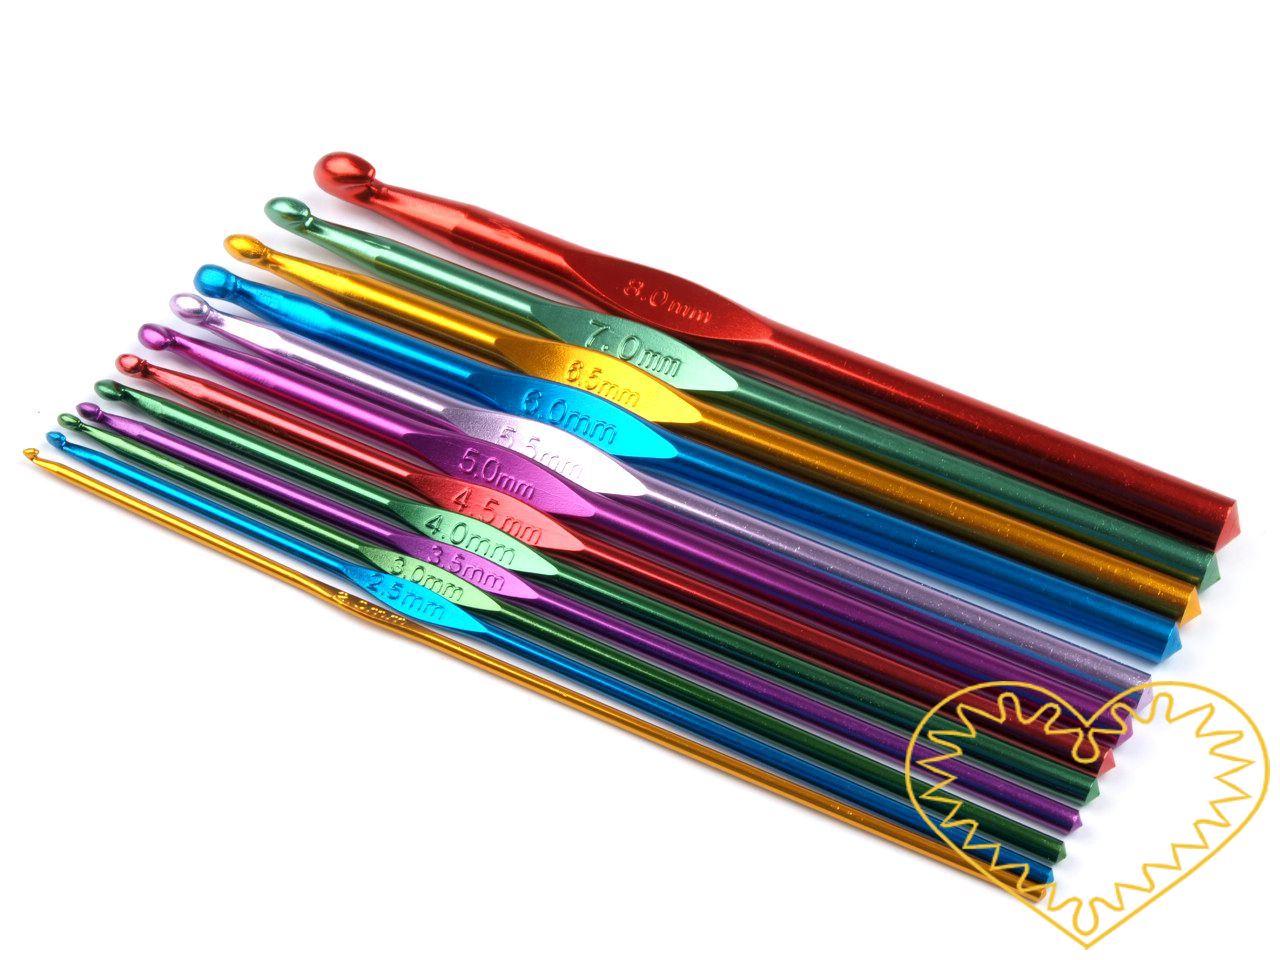 Kovový háček na háčkování - sada 12 ks. V jedné sadě naleznete 12 hliníkových háčků následujících velikostí: 2; 2,5; 3; 3,5; 4; 4,5; 5; 5,5; 6; 6,5; 7 a 8 mm. Háčky mají různé barvy.